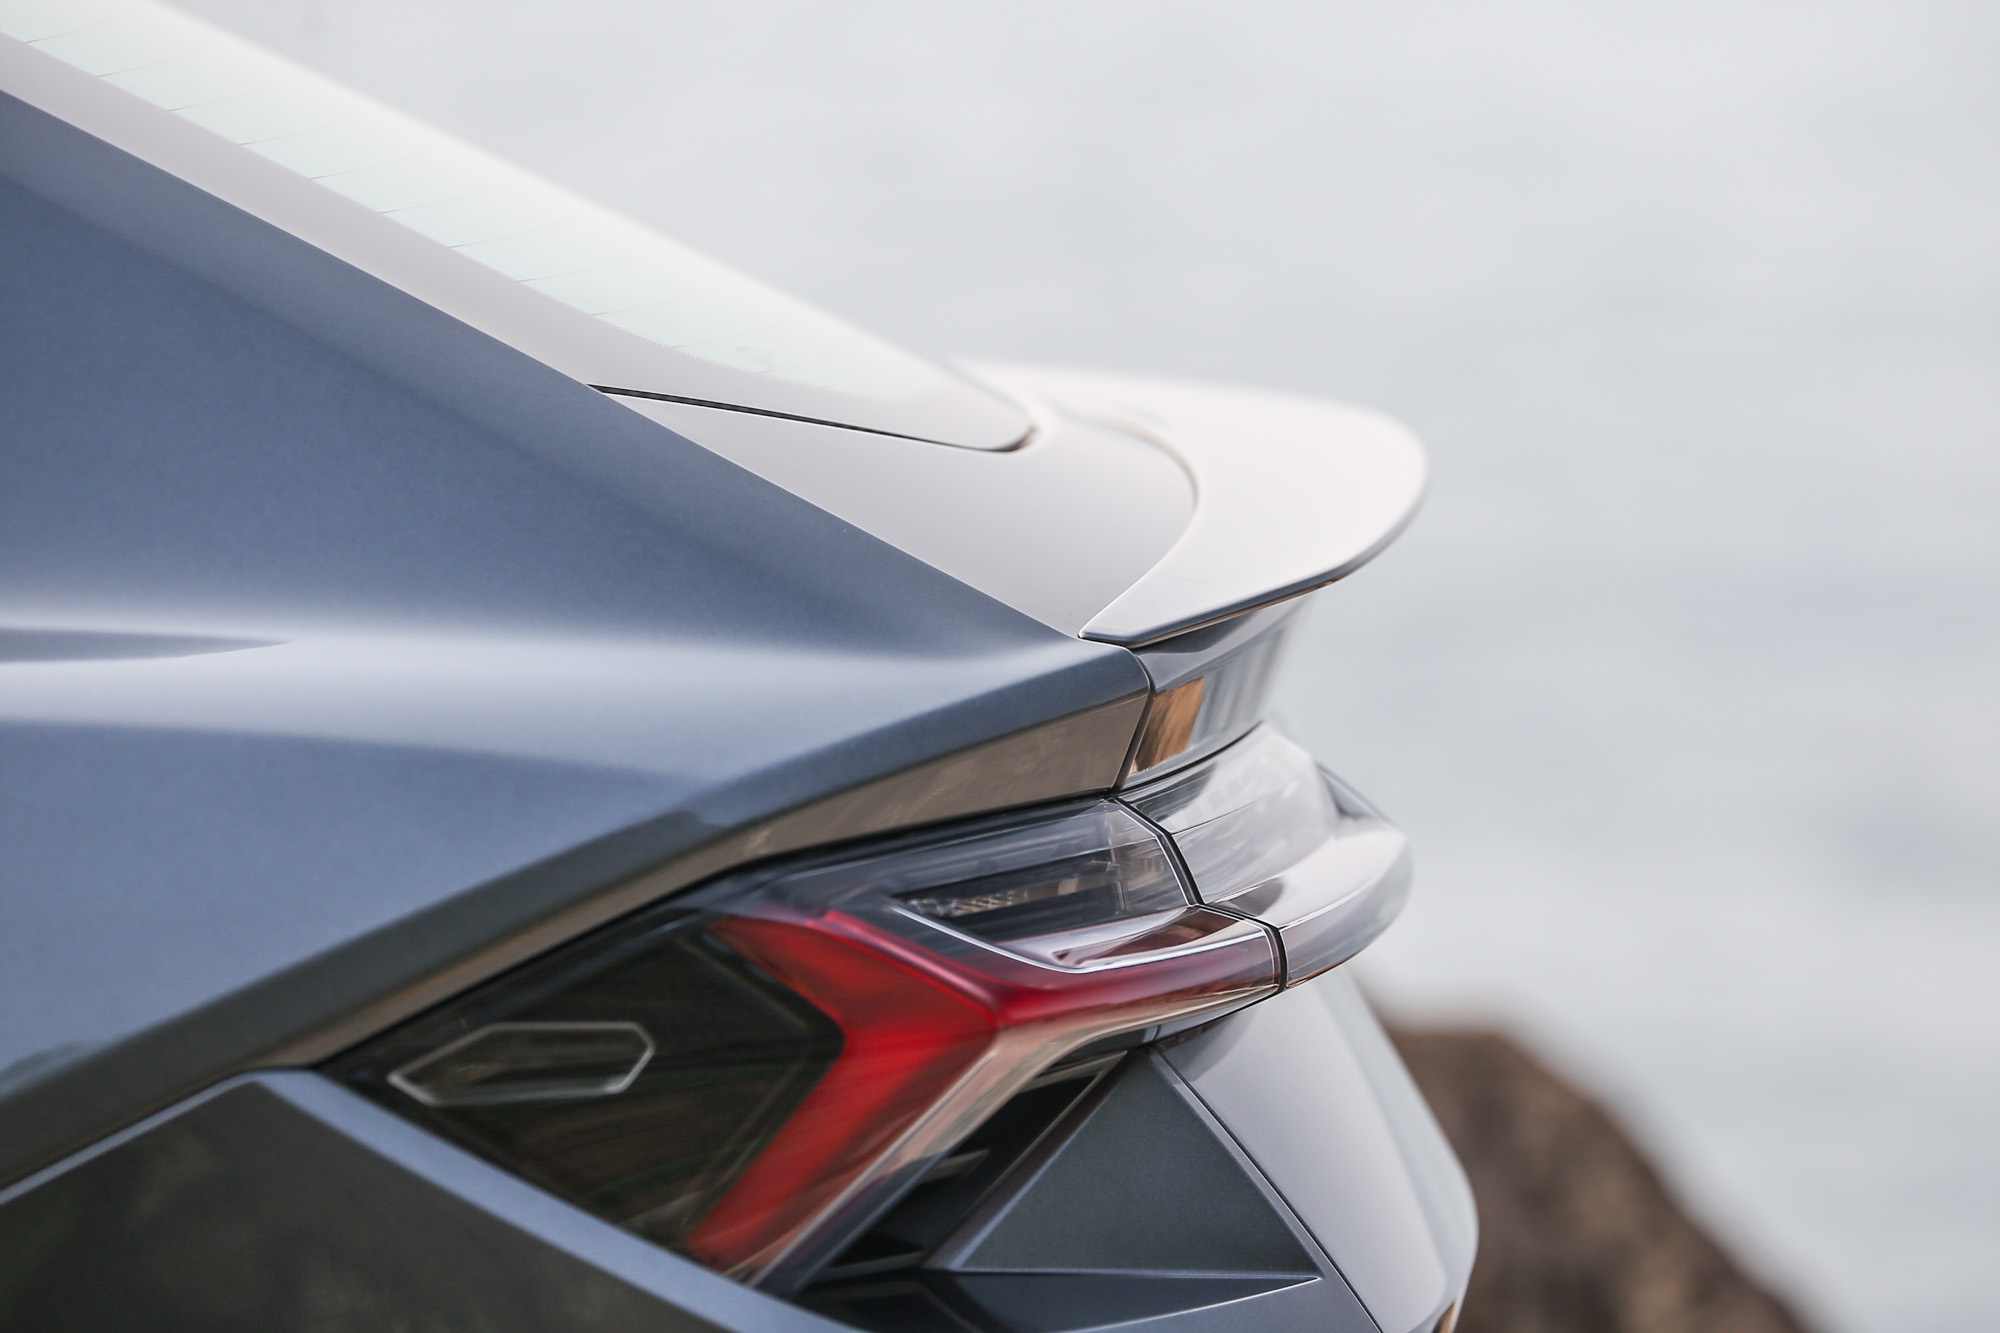 從此角度欣賞,可以發現到尾翼與尾燈造型的精妙,層層堆疊,相當精彩。